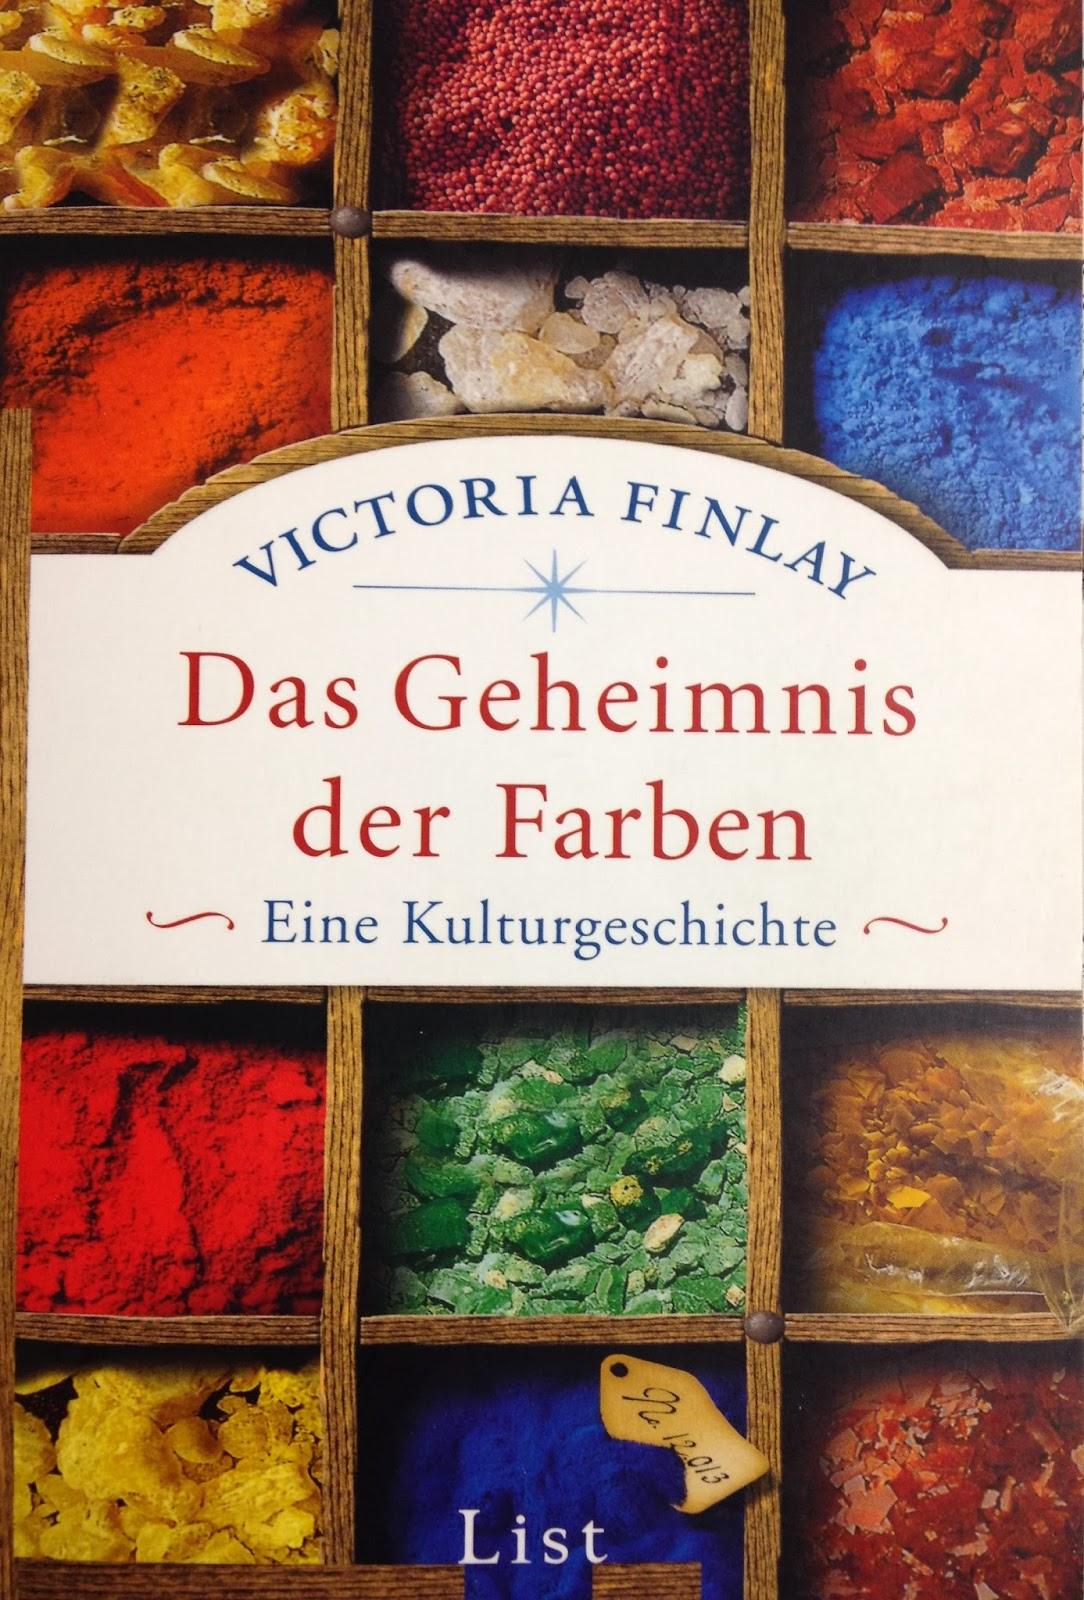 http://www.amazon.de/Das-Geheimnis-Farben-Eine-Kulturgeschichte/dp/354860496X/ref=sr_1_1?ie=UTF8&qid=1390678820&sr=8-1&keywords=das+geheimnis+der+farben